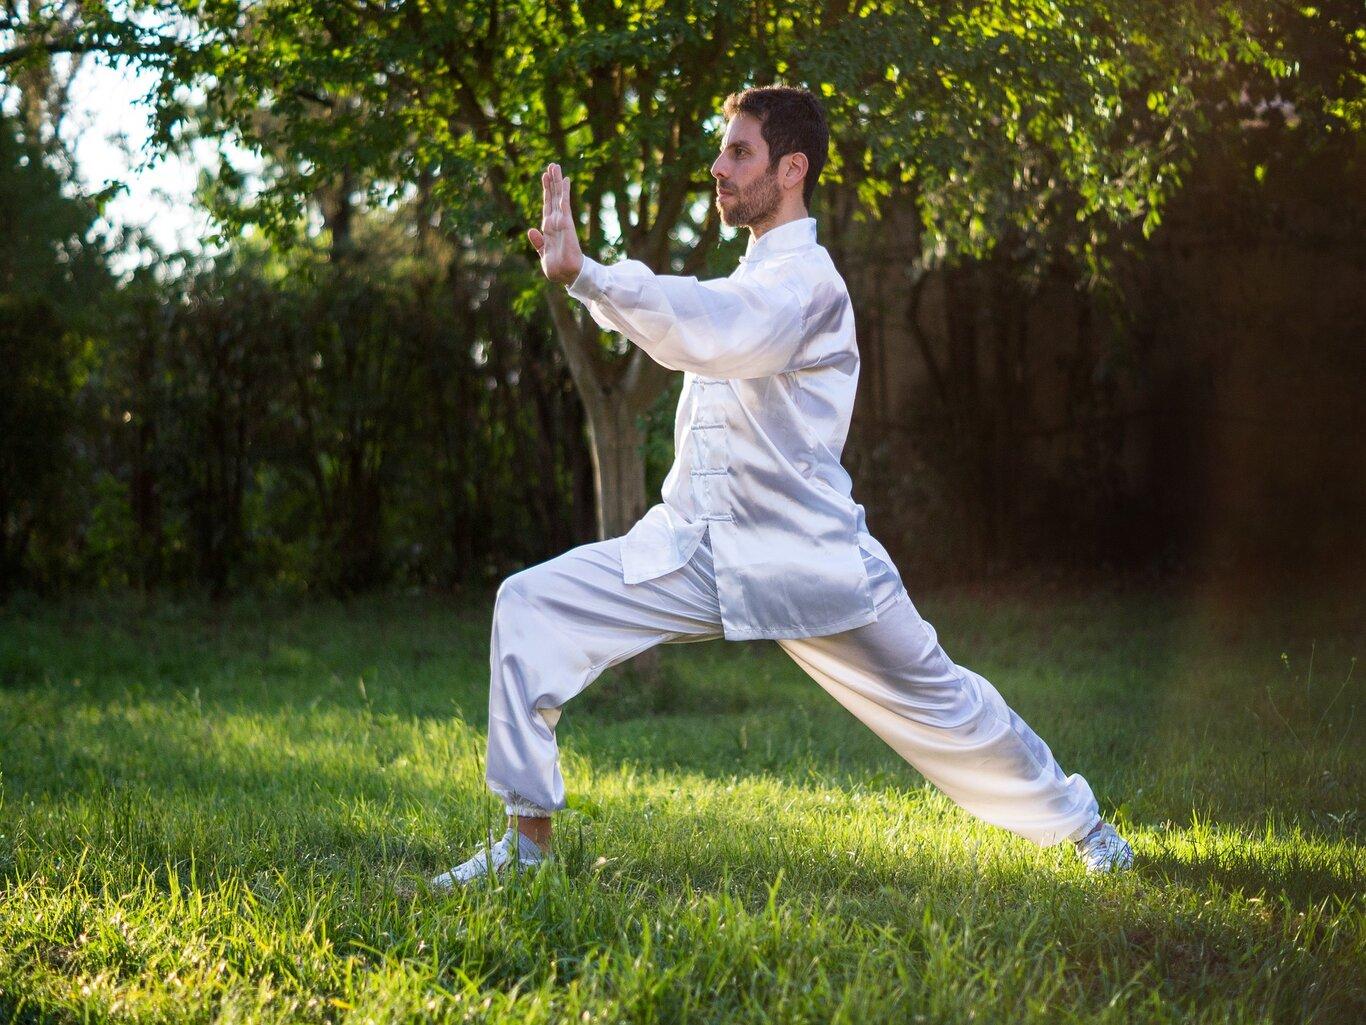 Самооборона: какие боевые искусства лучше подходят для уличной драки